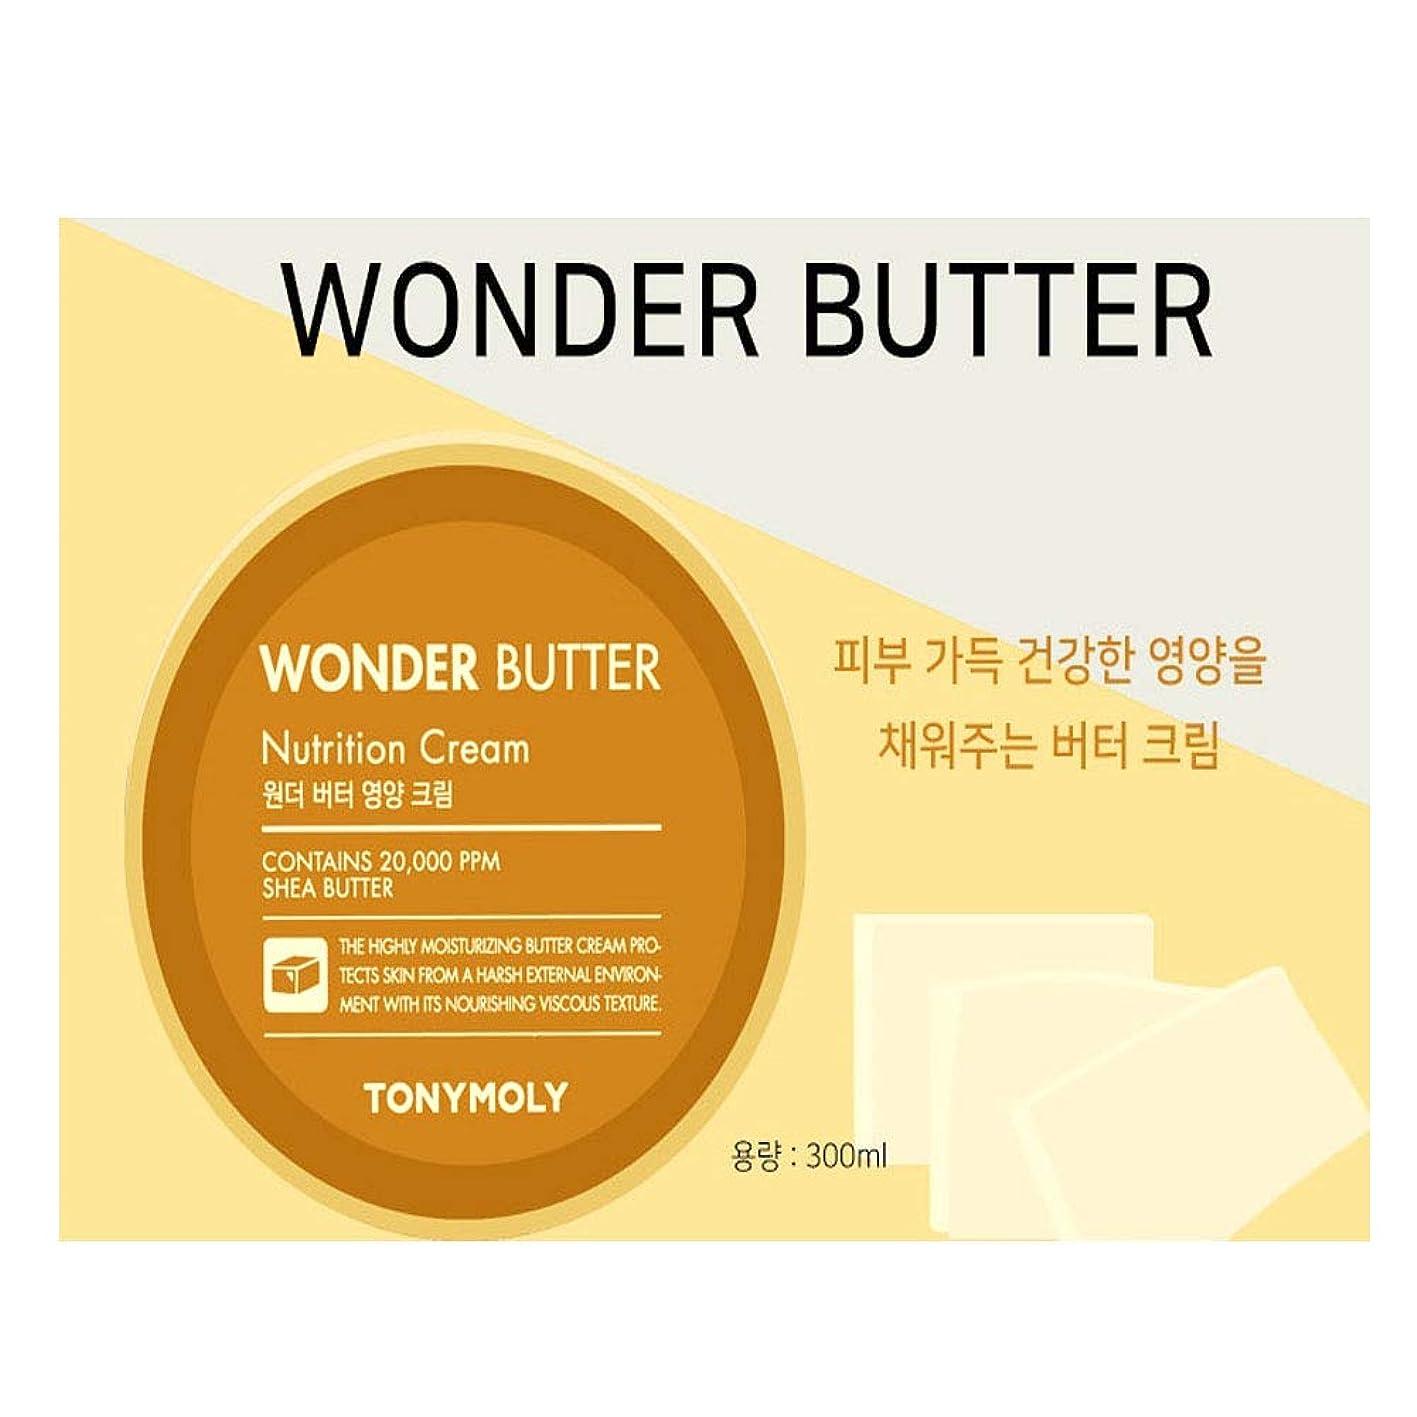 空港謎薬を飲むトニーモリーワンダーバター栄養クリーム300ml x 2本セット、Tonymoly Wonder Butter Nutrition Cream 300ml x 2ea Set [並行輸入品]